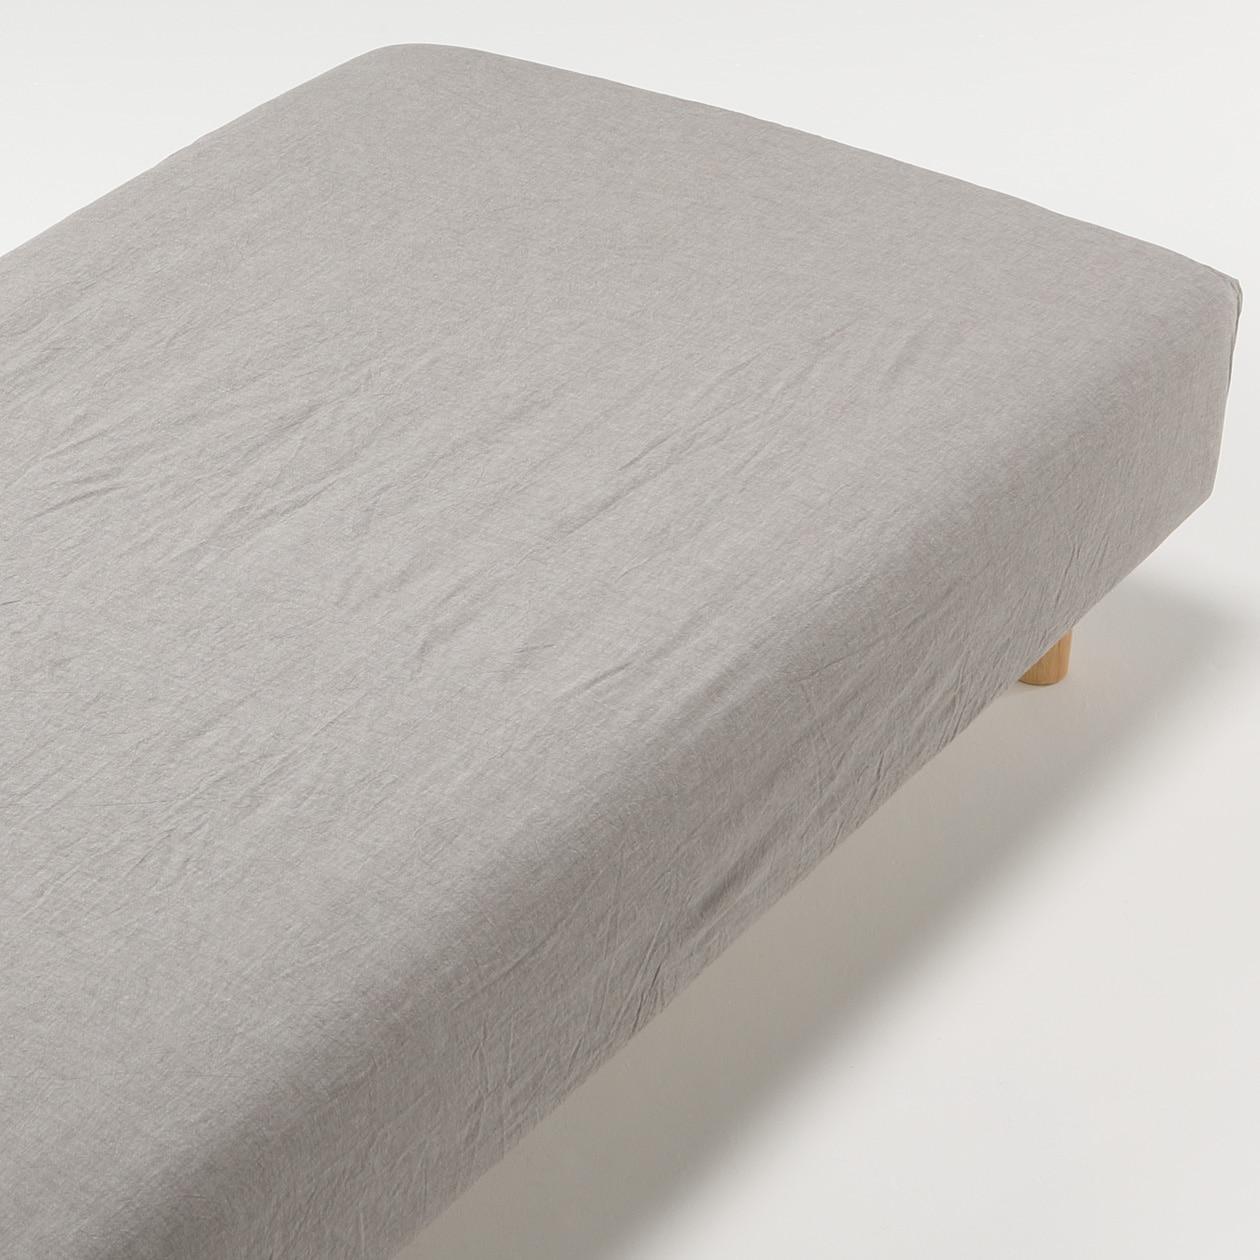 オーガニックコットン洗いざらしボックスシーツ・D/ブラウン D/ブラウン